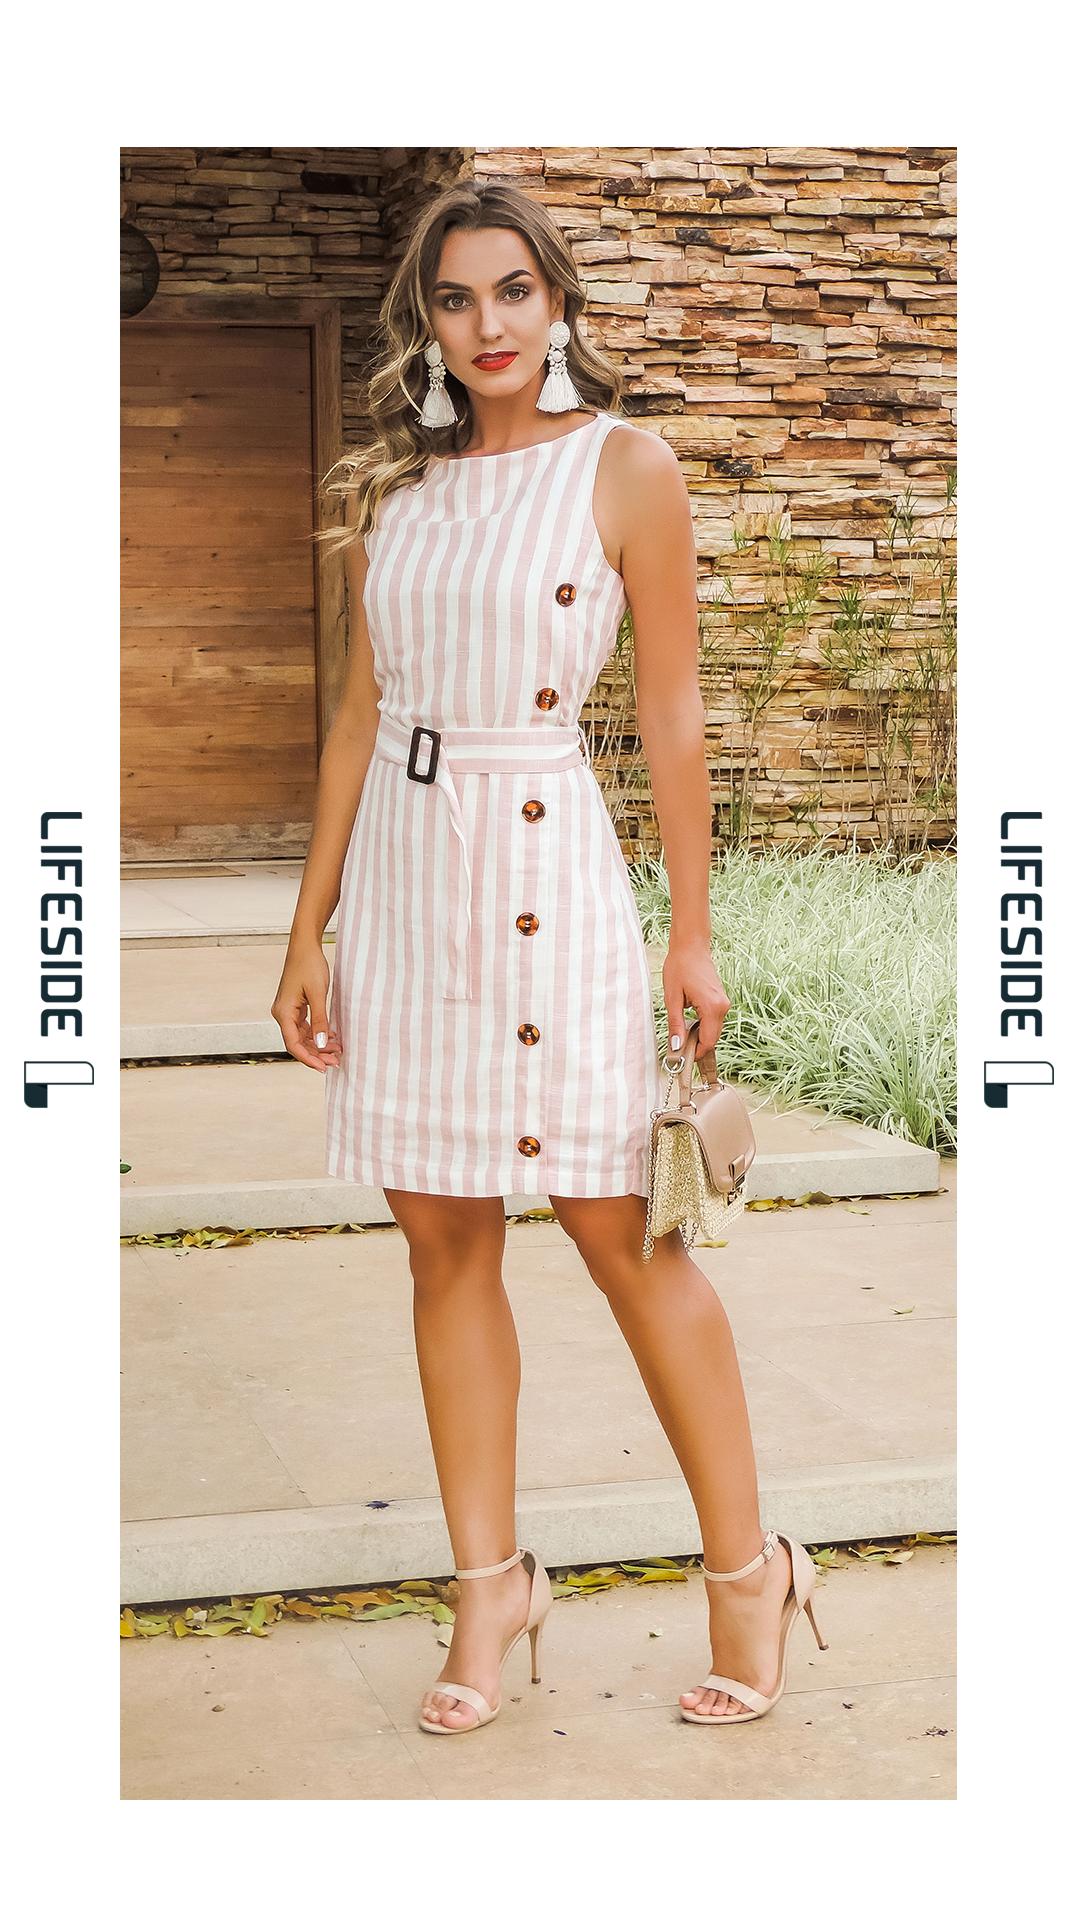 b5b390600 Vestido em linho listrado. Detalhe da fivela e botões tartaruga. #Fashion  #ModaFeminina #LookDoDia #Looks #ModaPrimaveraVerao #Lifeside #Lookbook  Spring ...